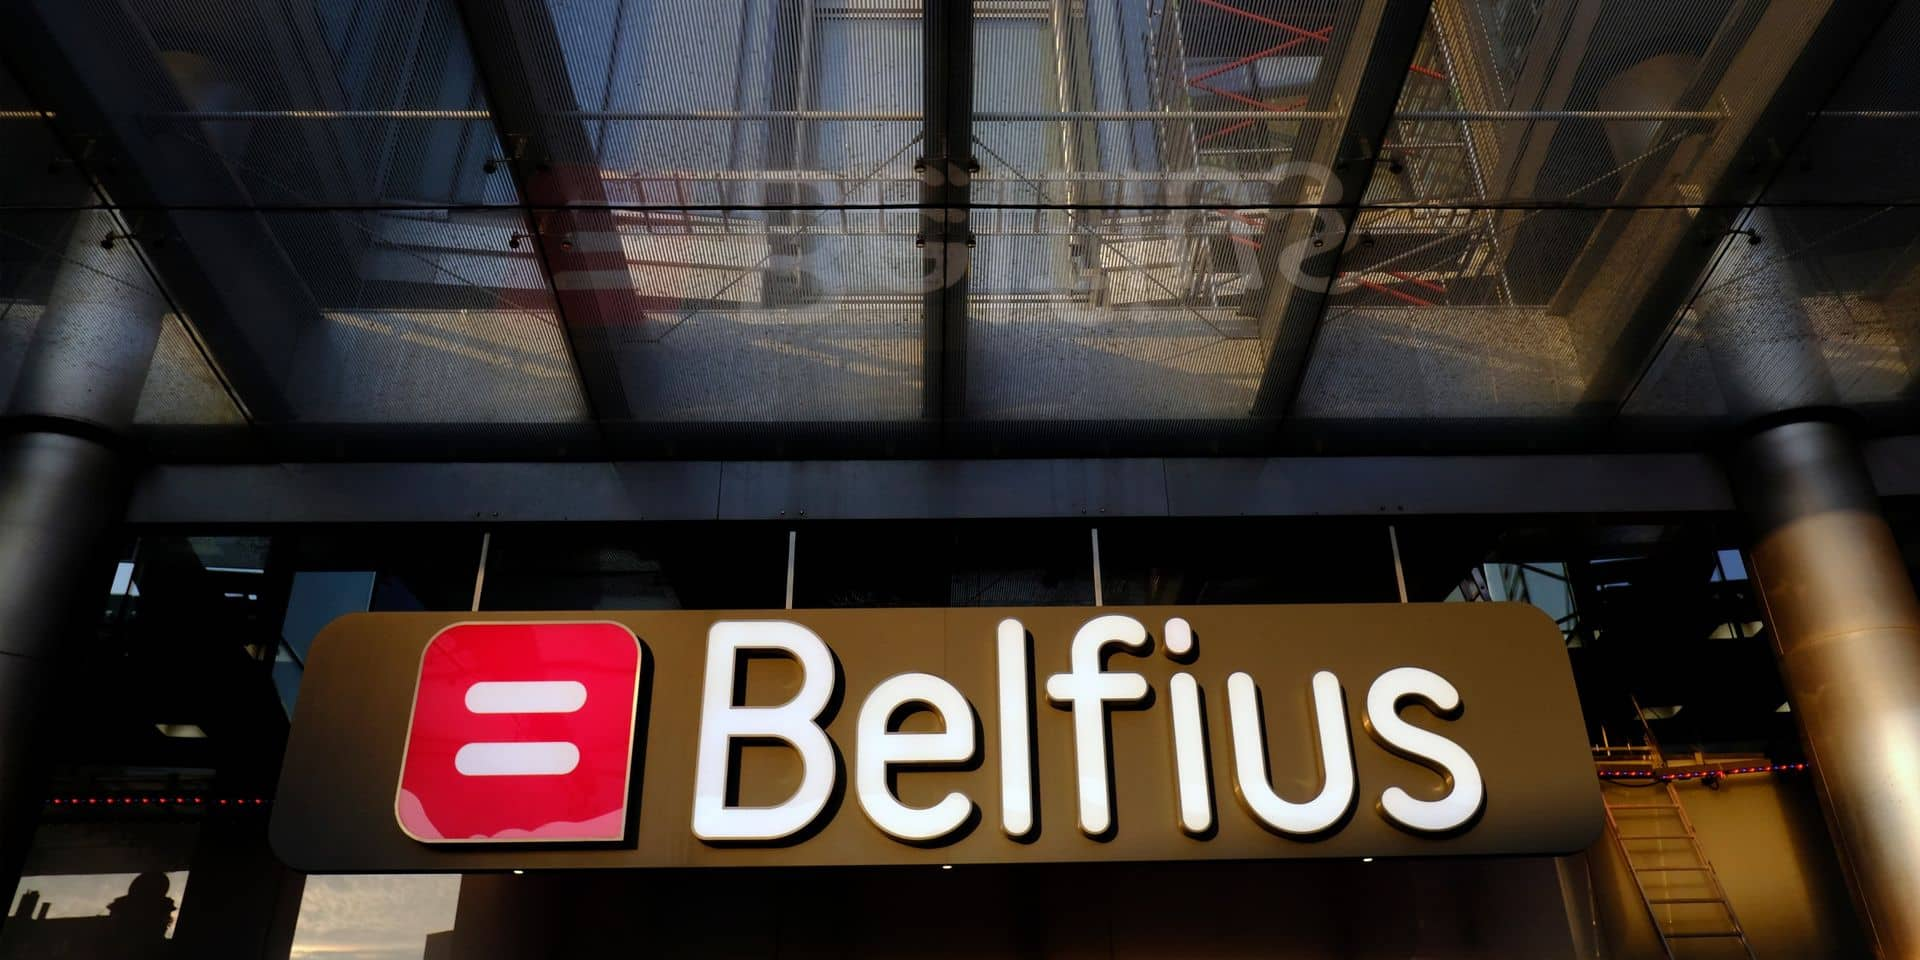 Belfius remanie complètement son offre bancaire et lance Beats, avec Proximus